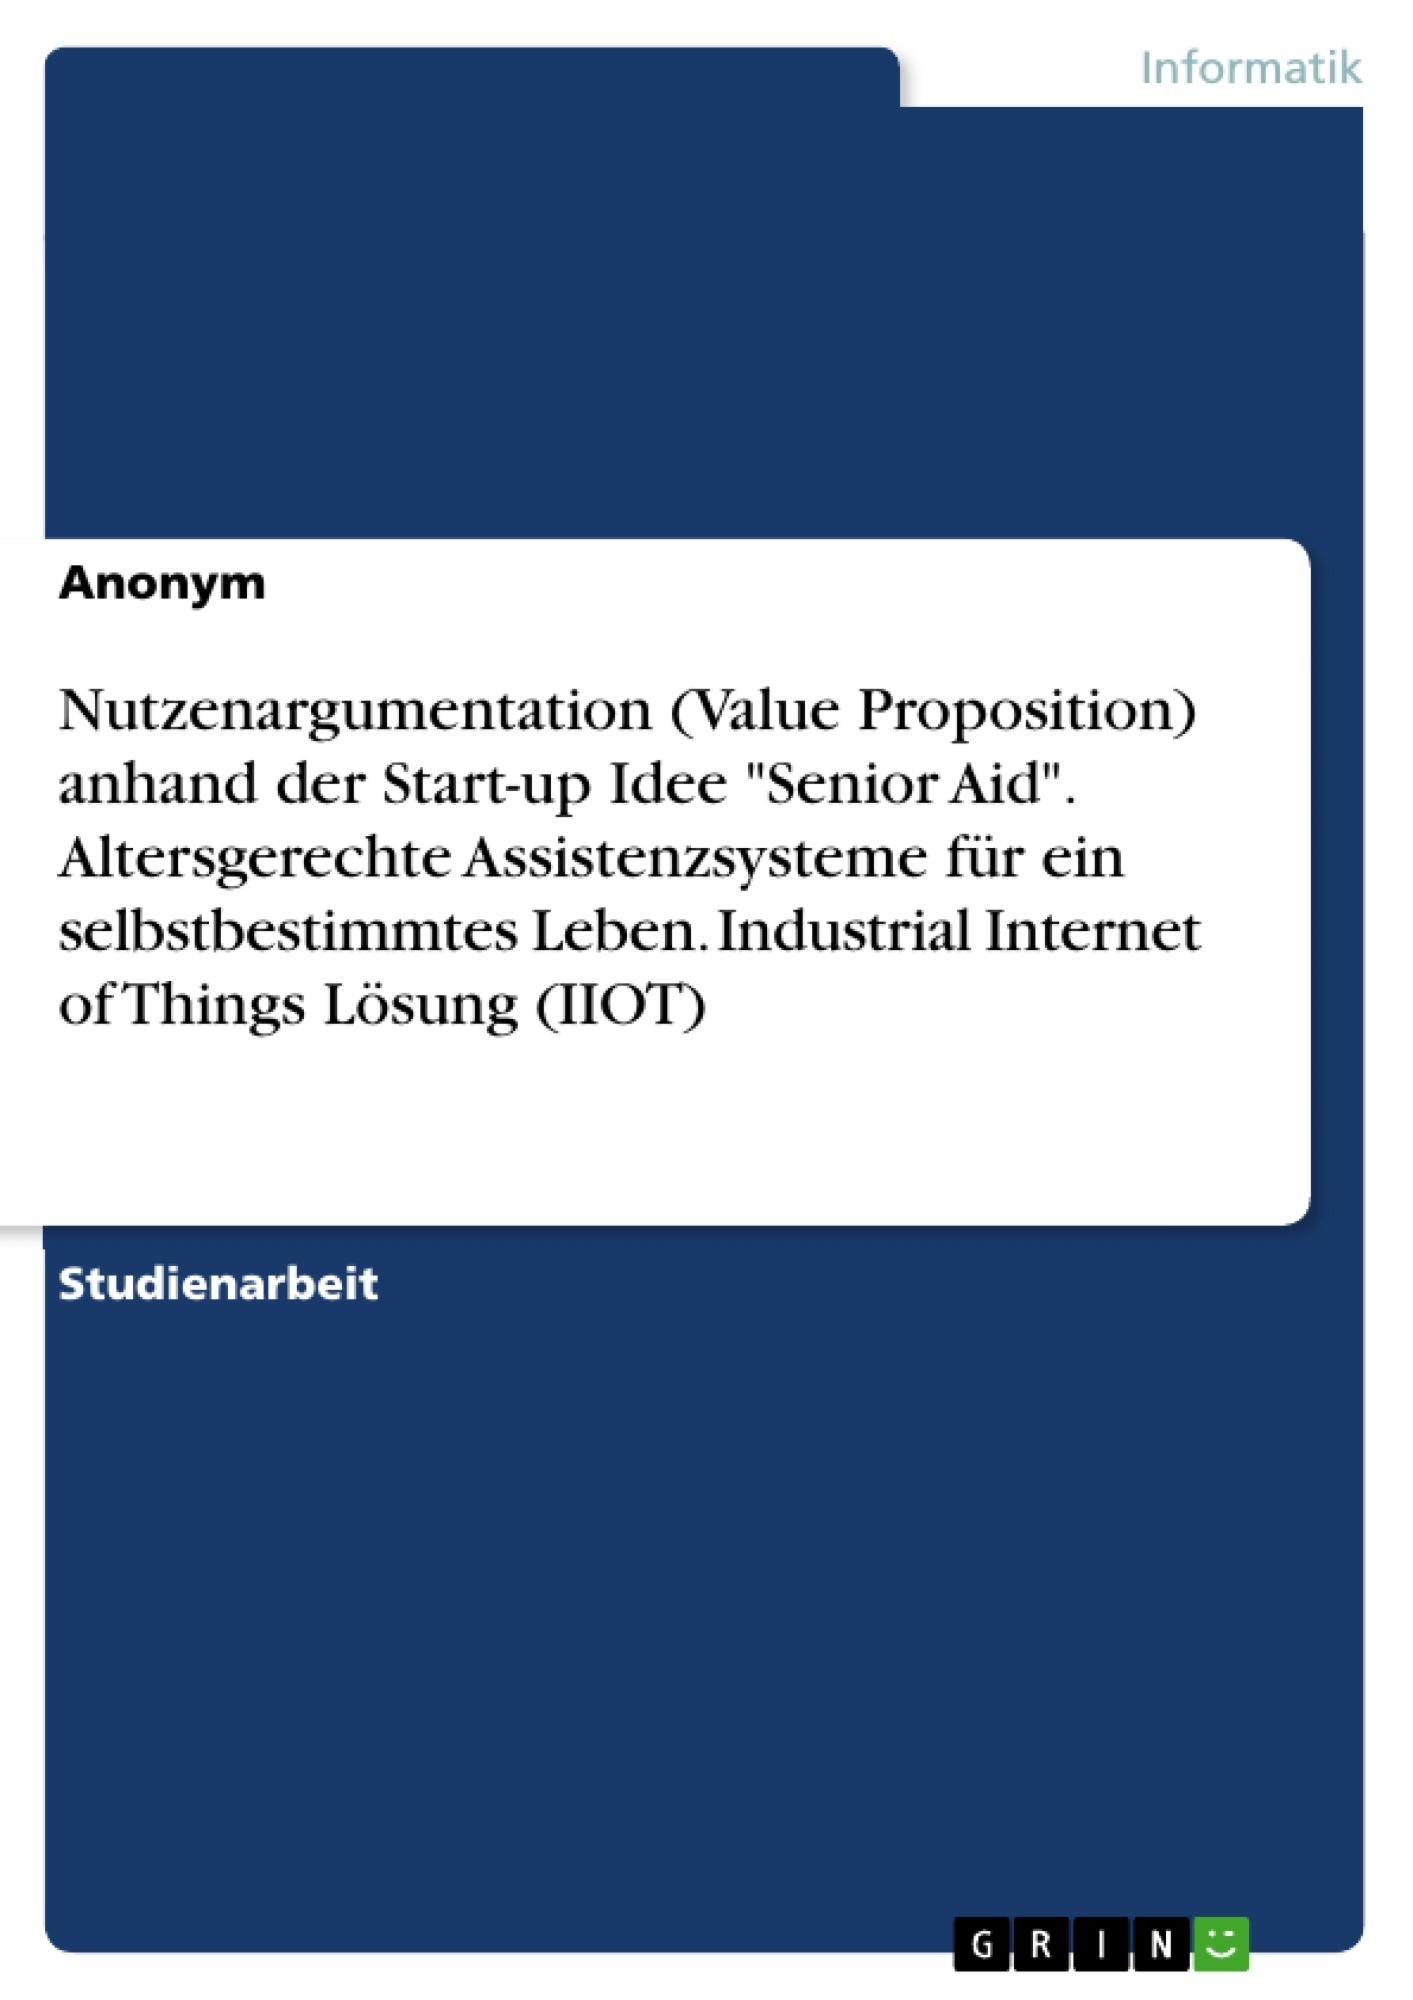 """Titel: Nutzenargumentation (Value Proposition) anhand der Start-up Idee """"Senior Aid"""". Altersgerechte Assistenzsysteme für ein selbstbestimmtes Leben. Industrial Internet of Things Lösung (IIOT)"""